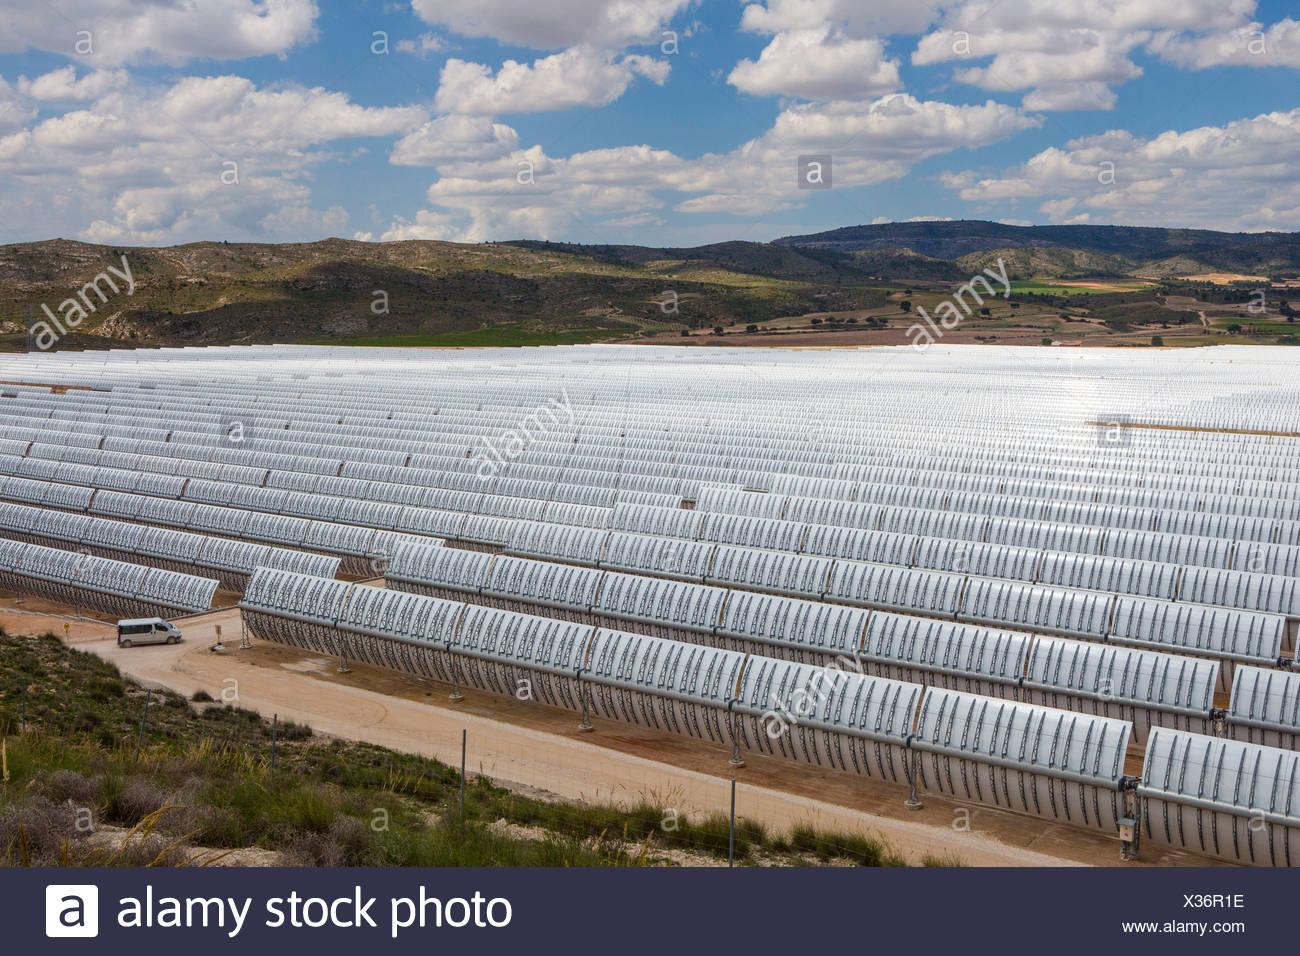 Europe Espagne Murcia Province grandes entreprises d'énergie solaire l'industrie de l'énergie développement nuages soleil solaire paysage blanc Photo Stock